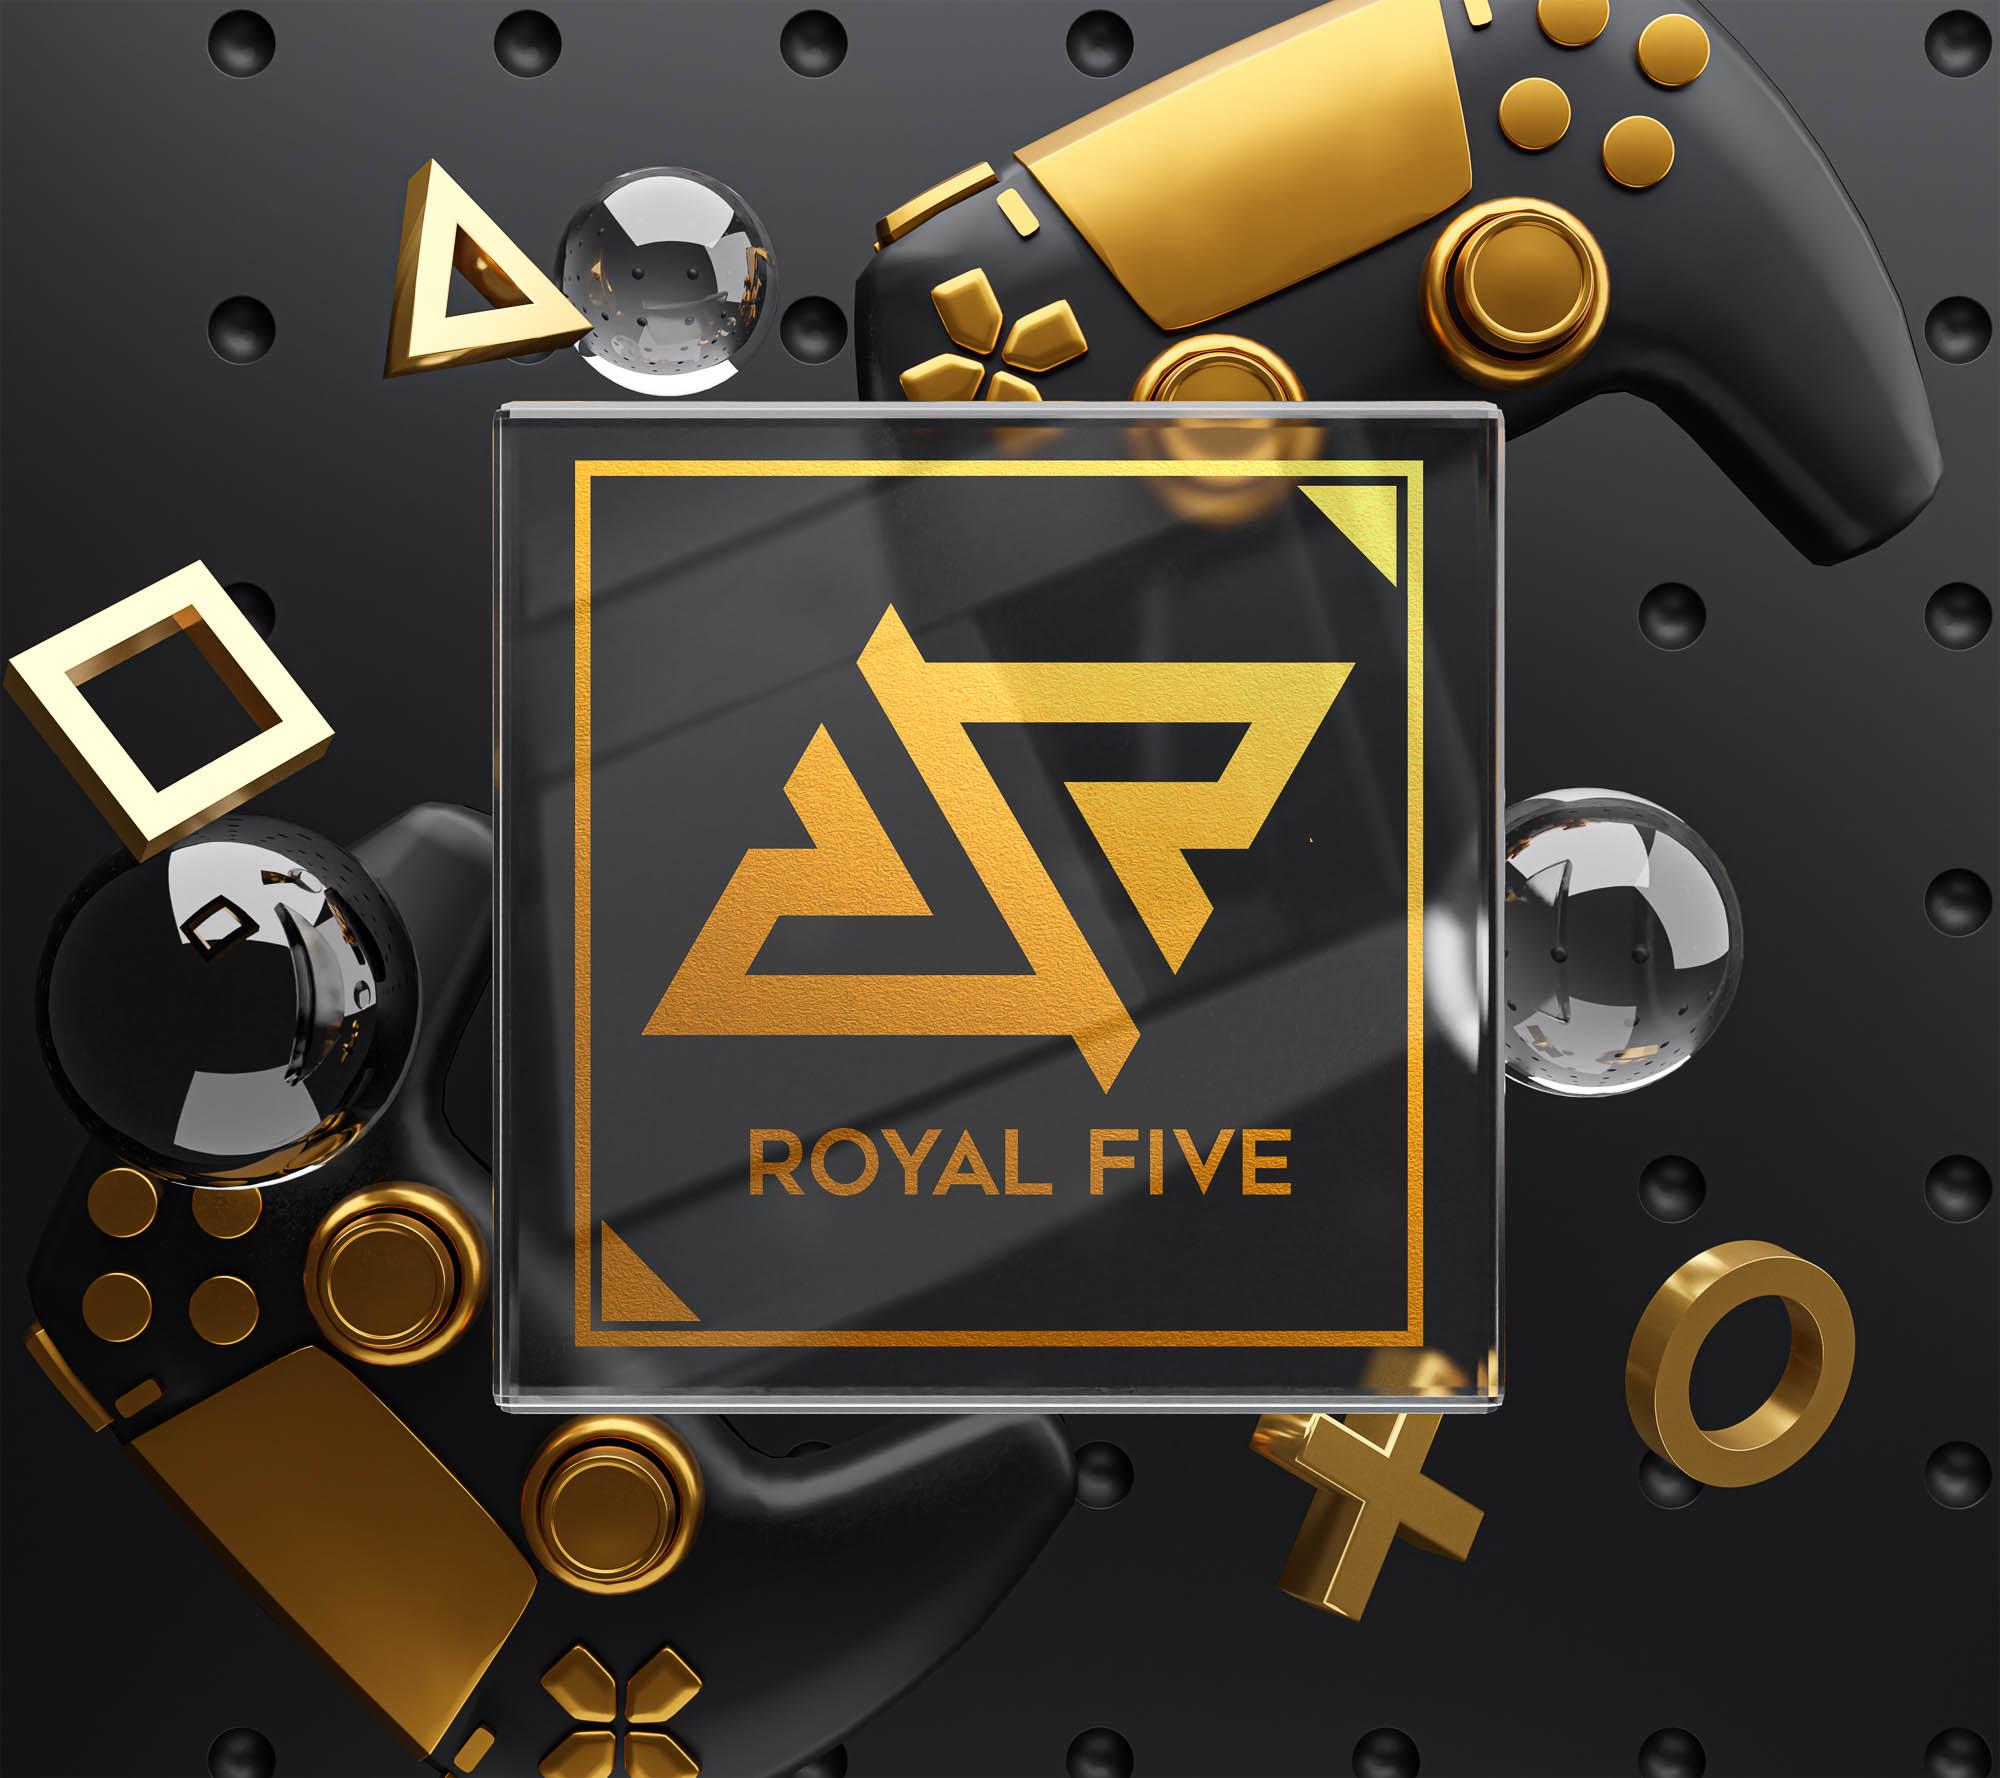 Royal Five - Gamepads